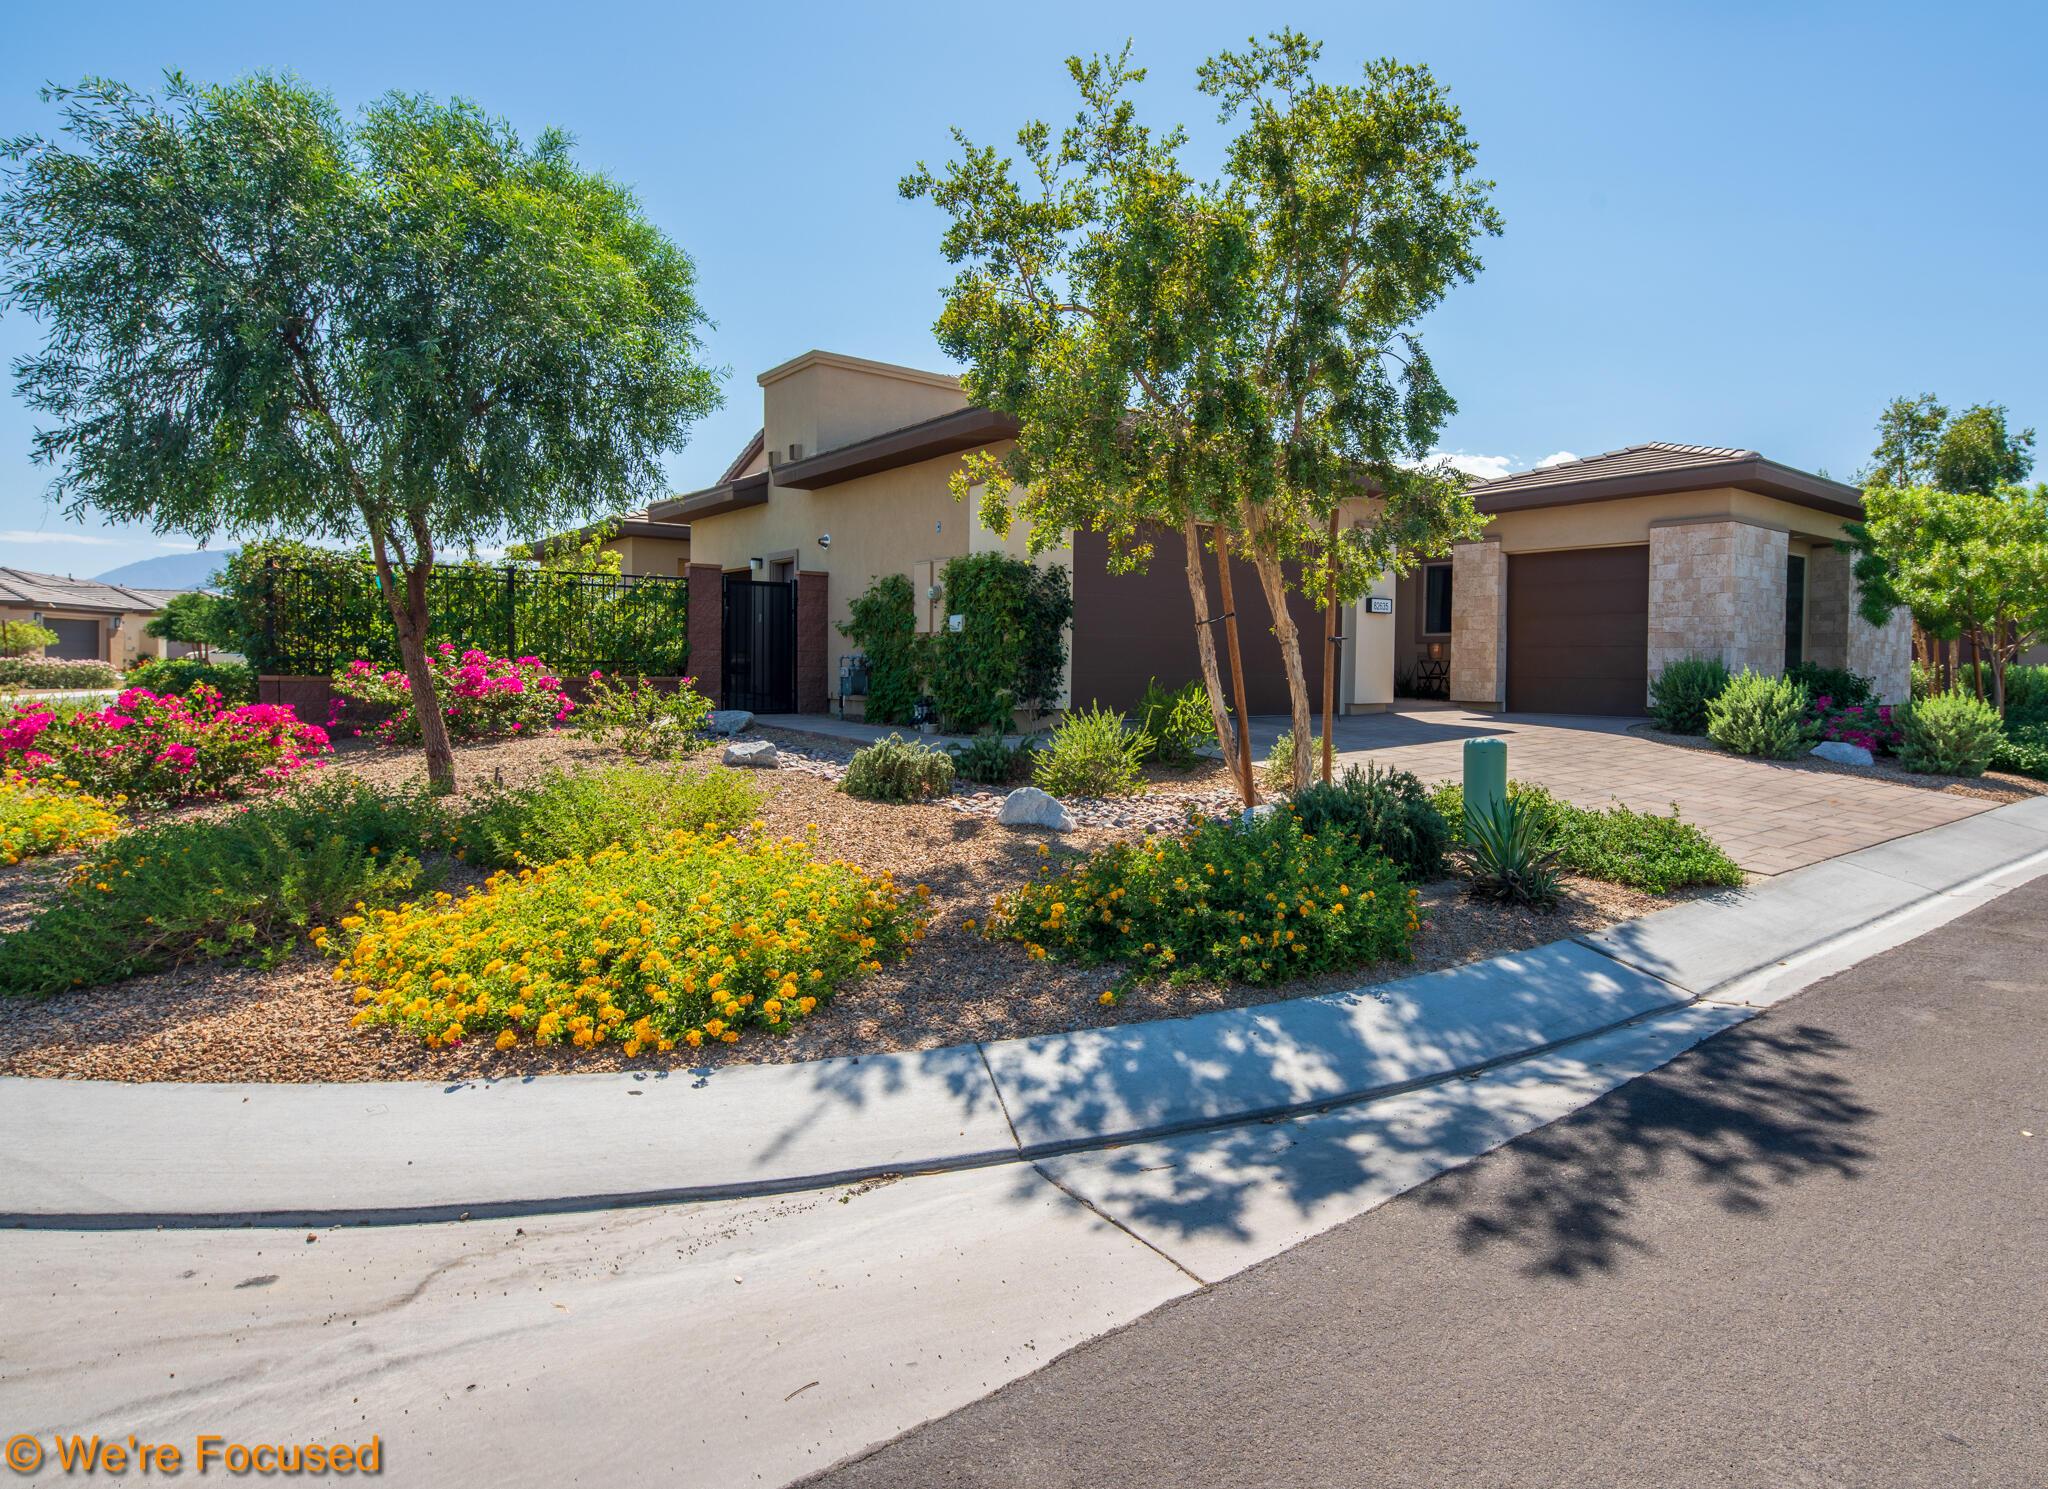 Photo of 82635 E Mccarroll Drive, Indio, CA 92201